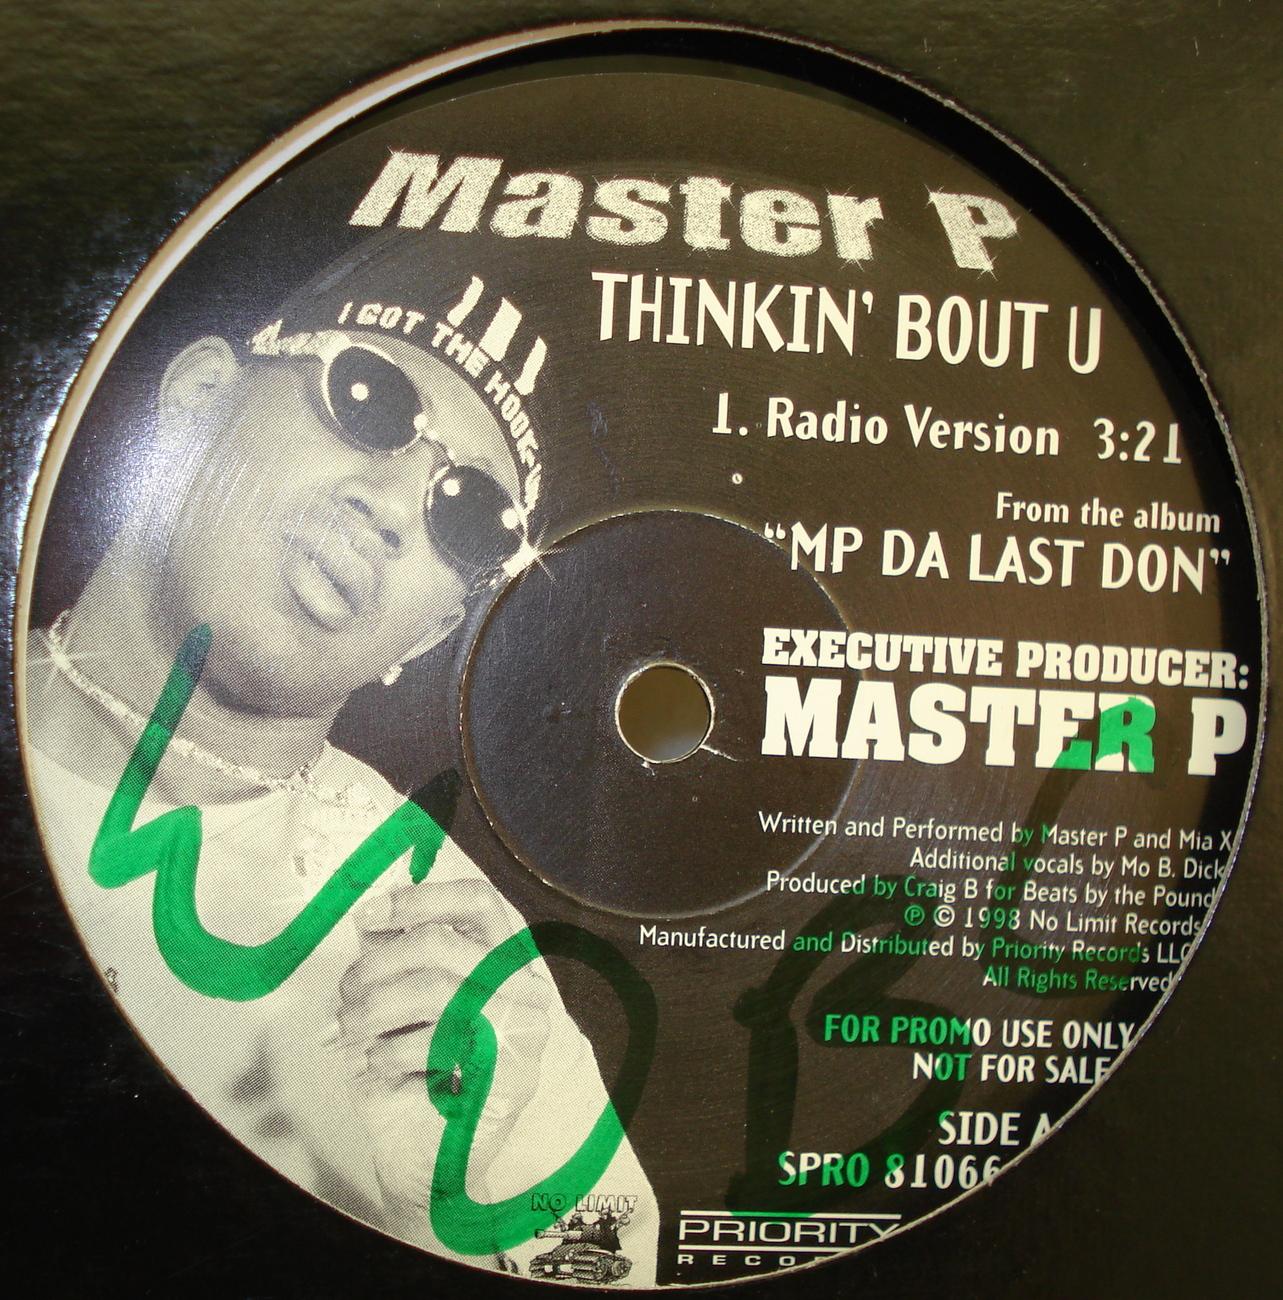 MASTER P-THINKIN' BOUT U from the album MP DA LAST DON ...